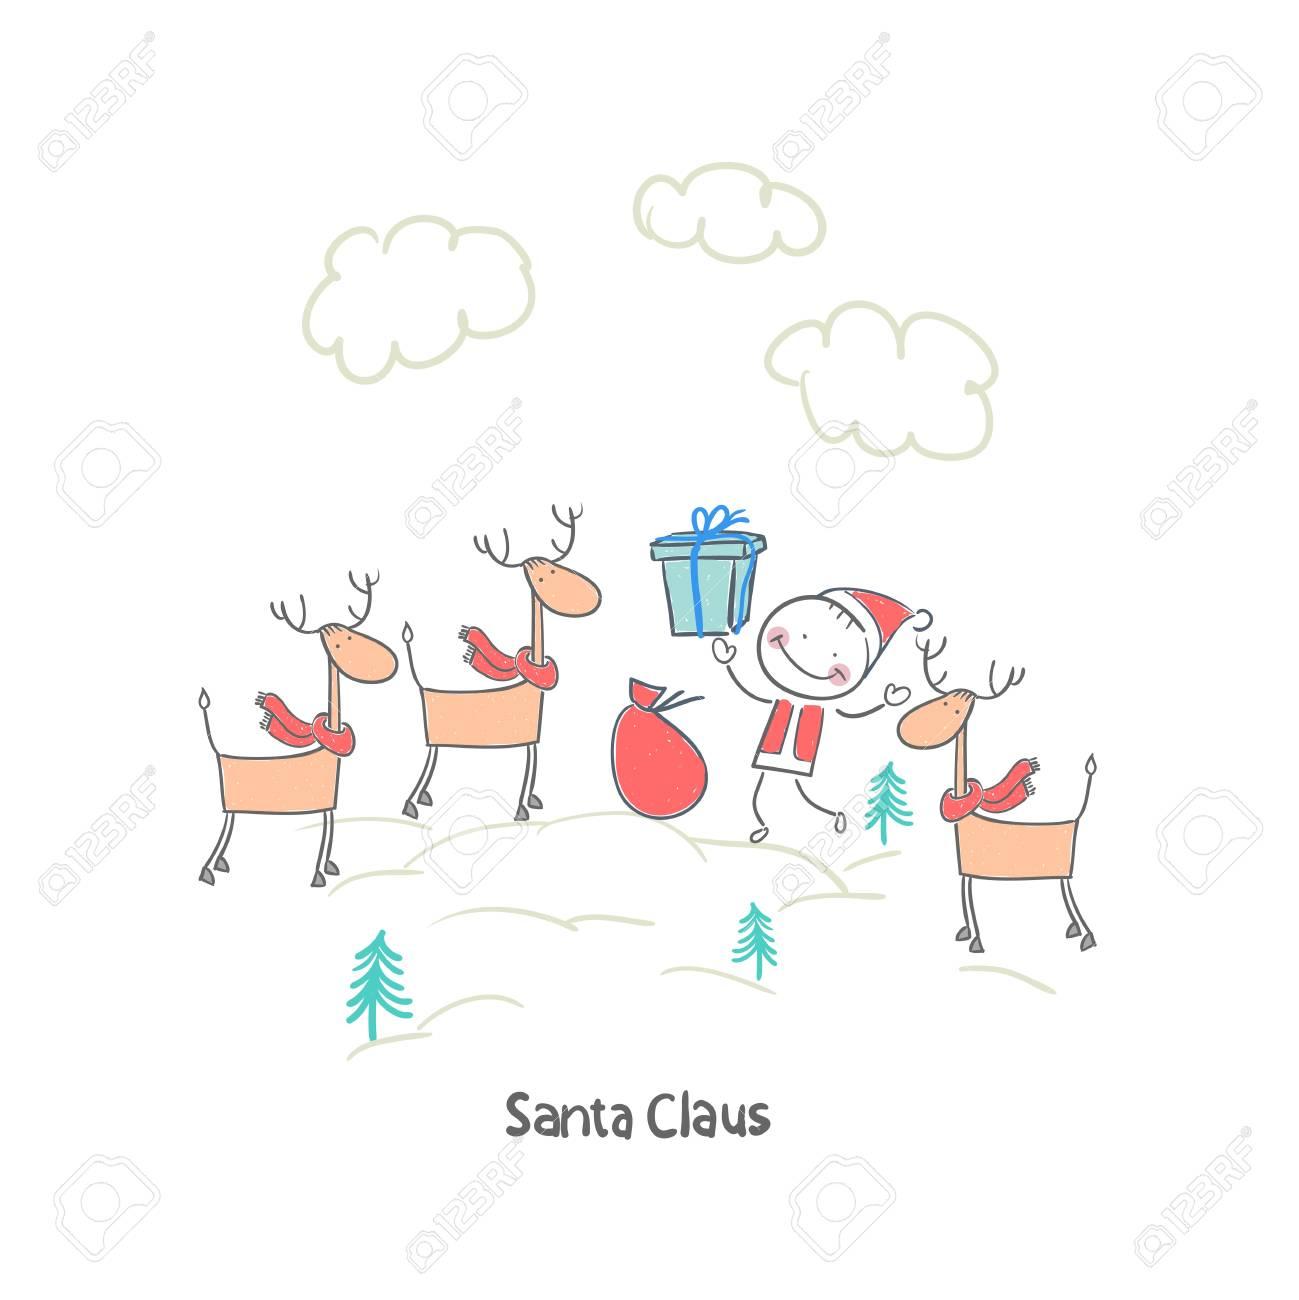 Santa Claus Stock Vector - 18244735